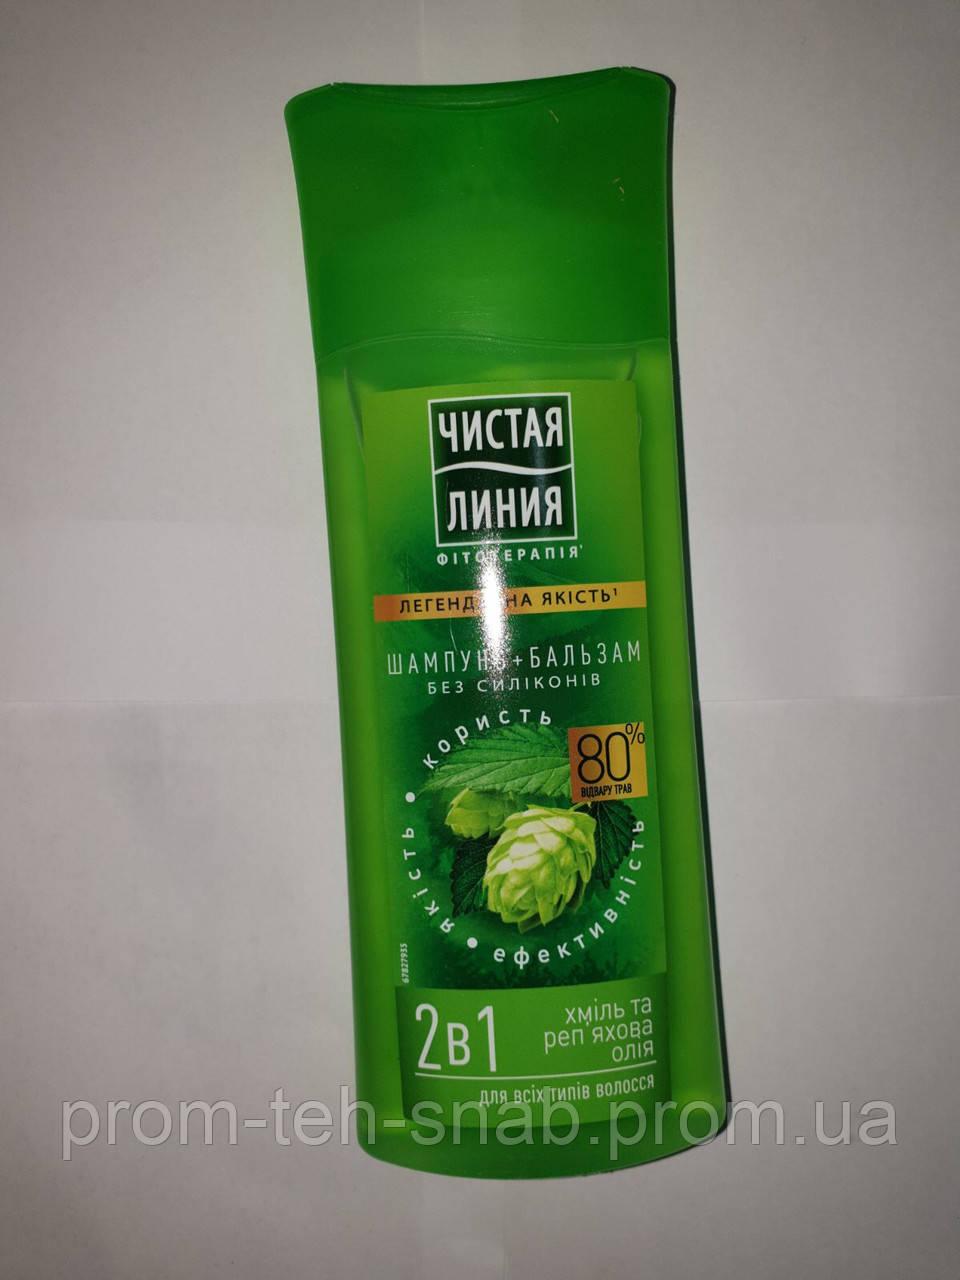 Шампуні для волосся Чиста Лінія 2 в 1 з екстрактом хмелю 250 мл